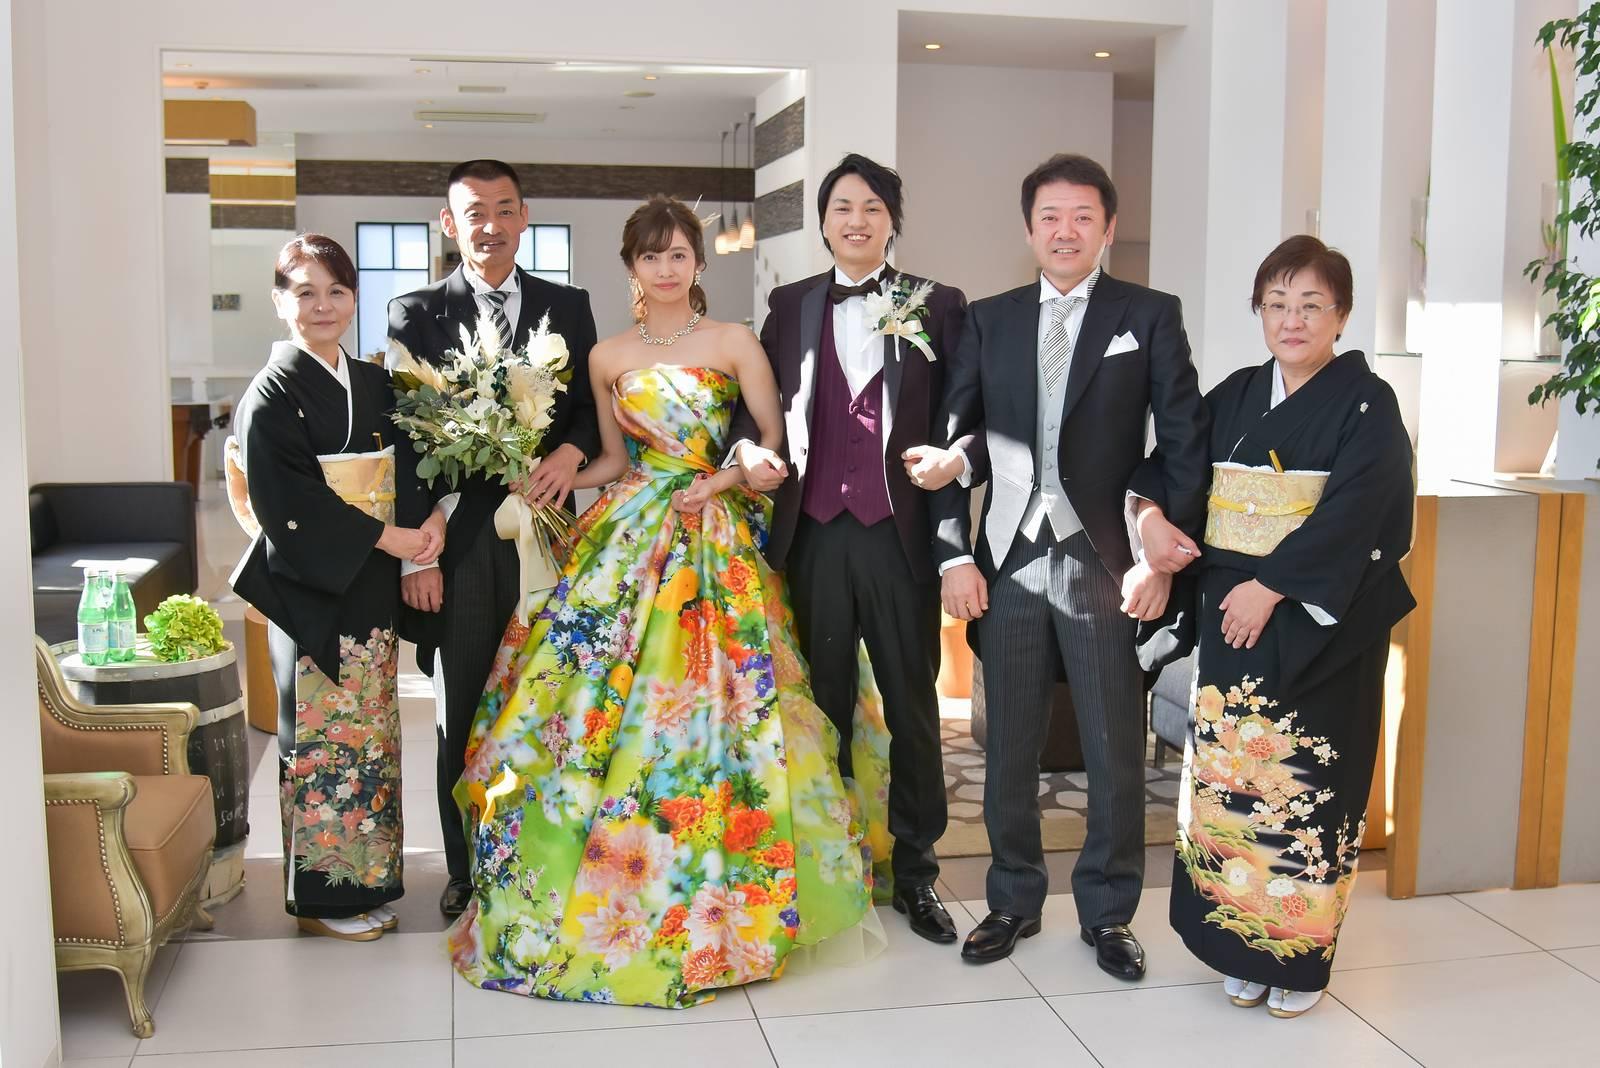 香川県の結婚式場シェルエメール&アイスタイルの両家